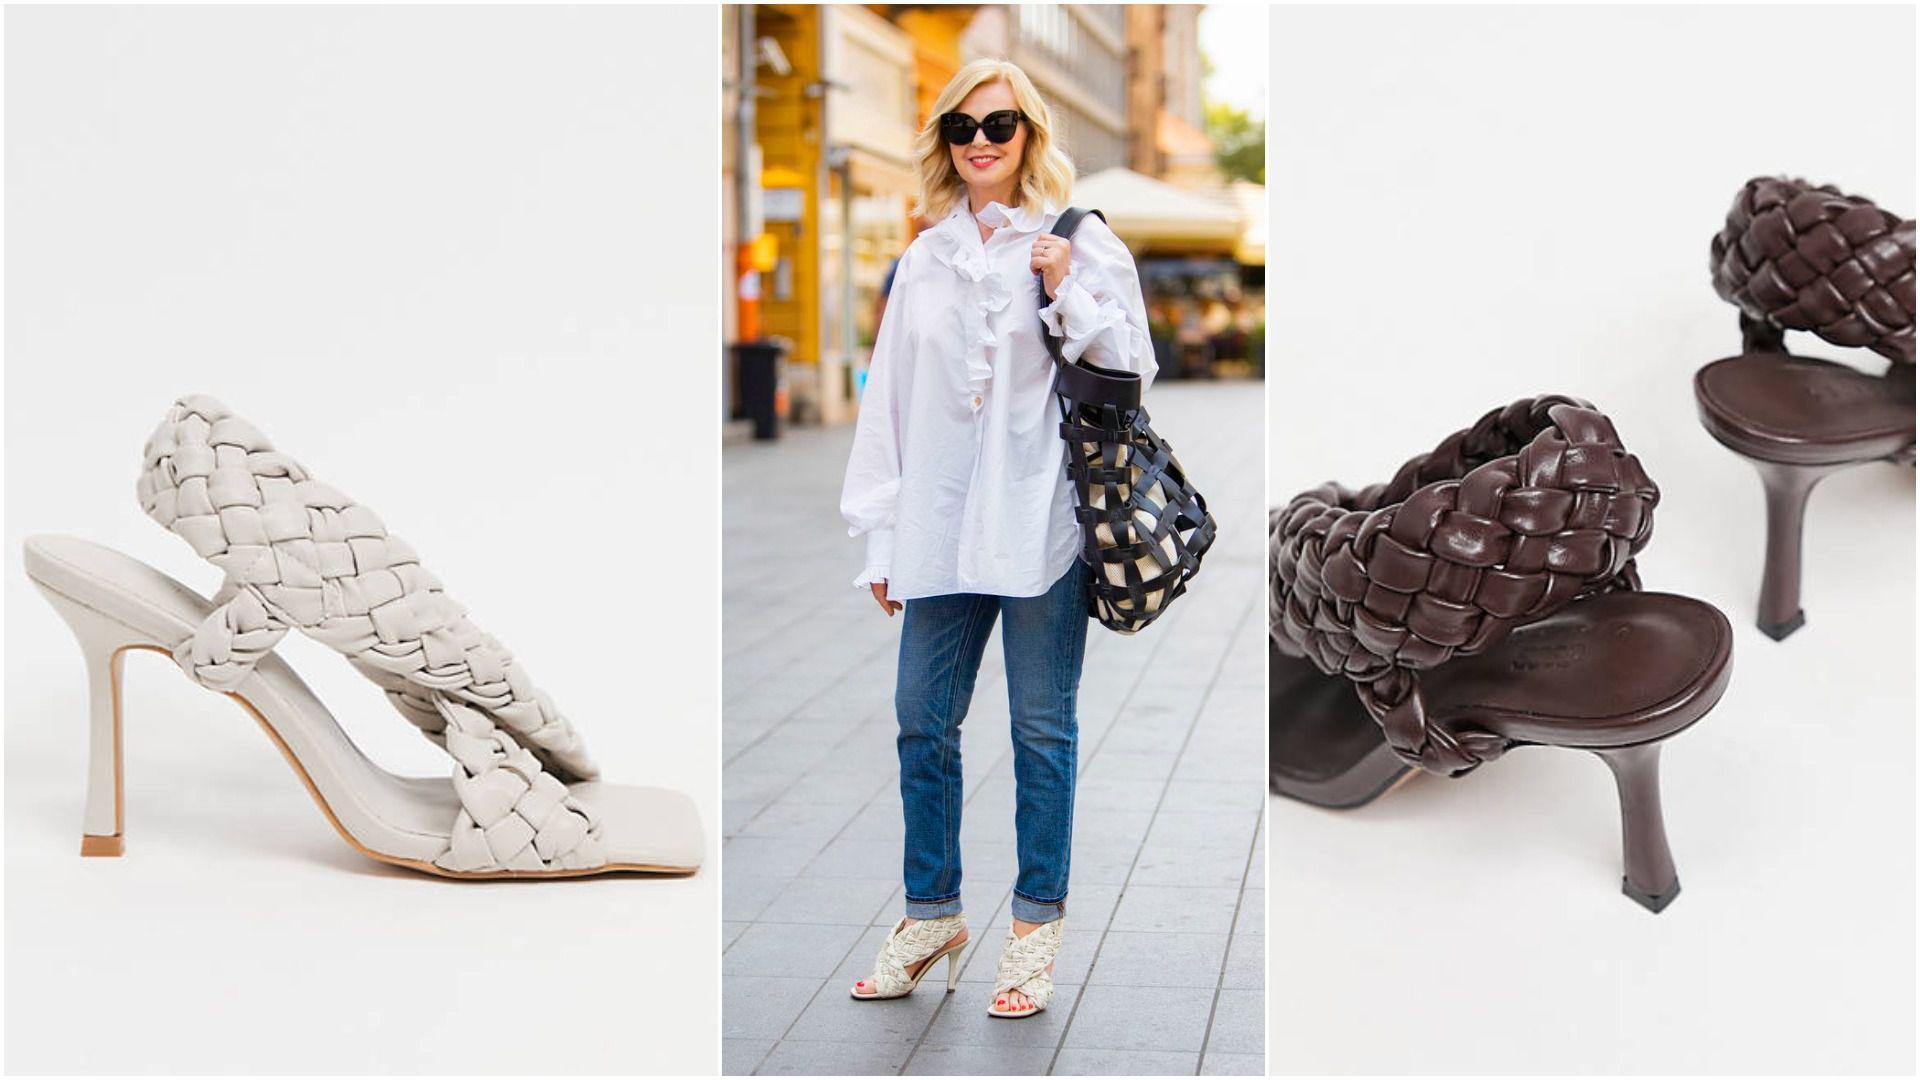 Ako vam se sviđaju it sandale kakve nose Sloković i Tedeschi, pronašli smo gotovo identičan, no pristupačniji model